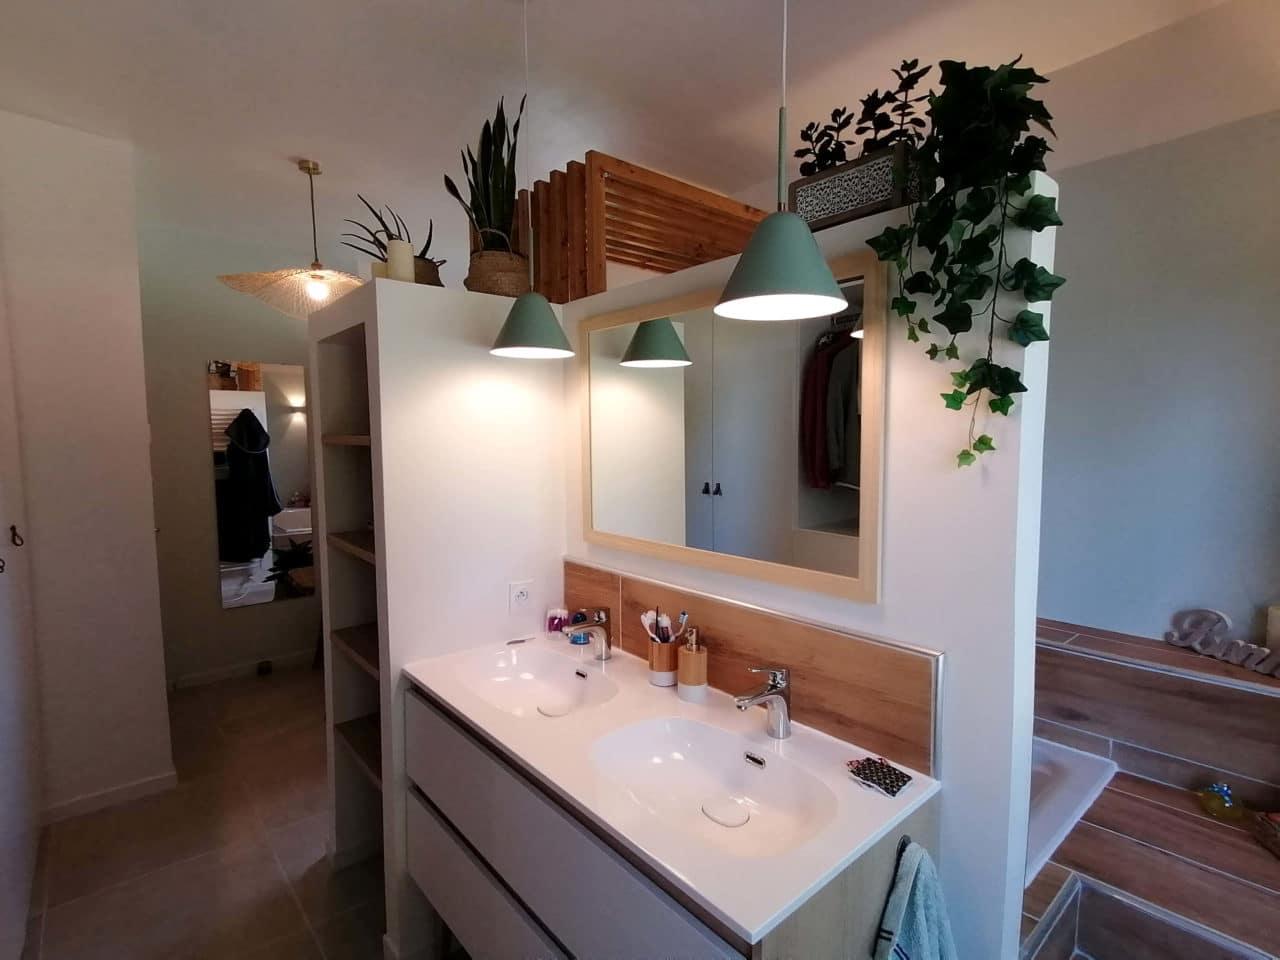 Salle de bains double vasque miroir et suspension